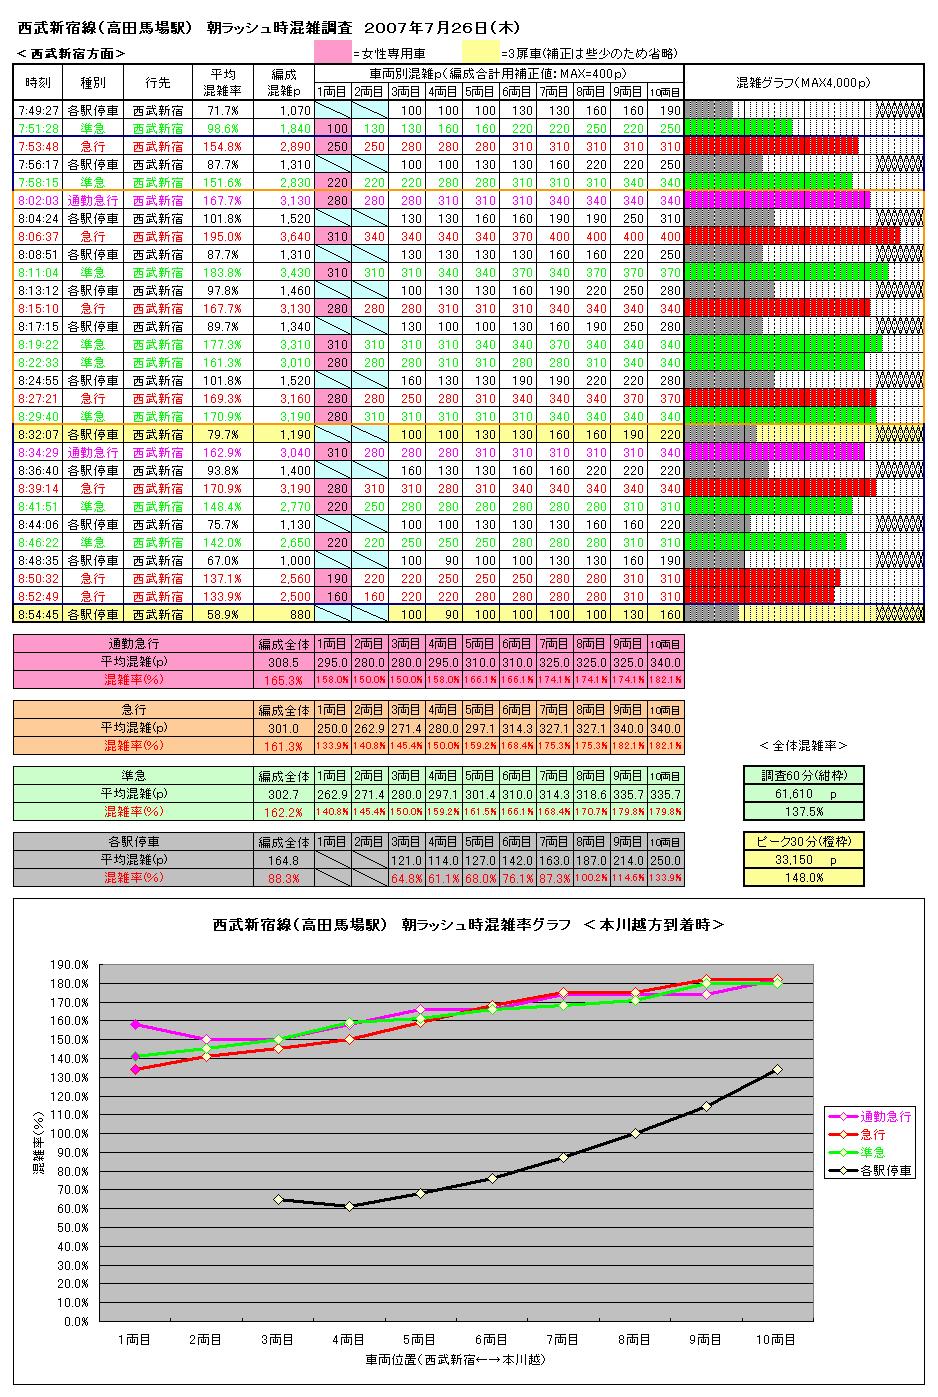 新宿 混雑 西武 線 ラッシュ時の混雑状況 :西武鉄道Webサイト